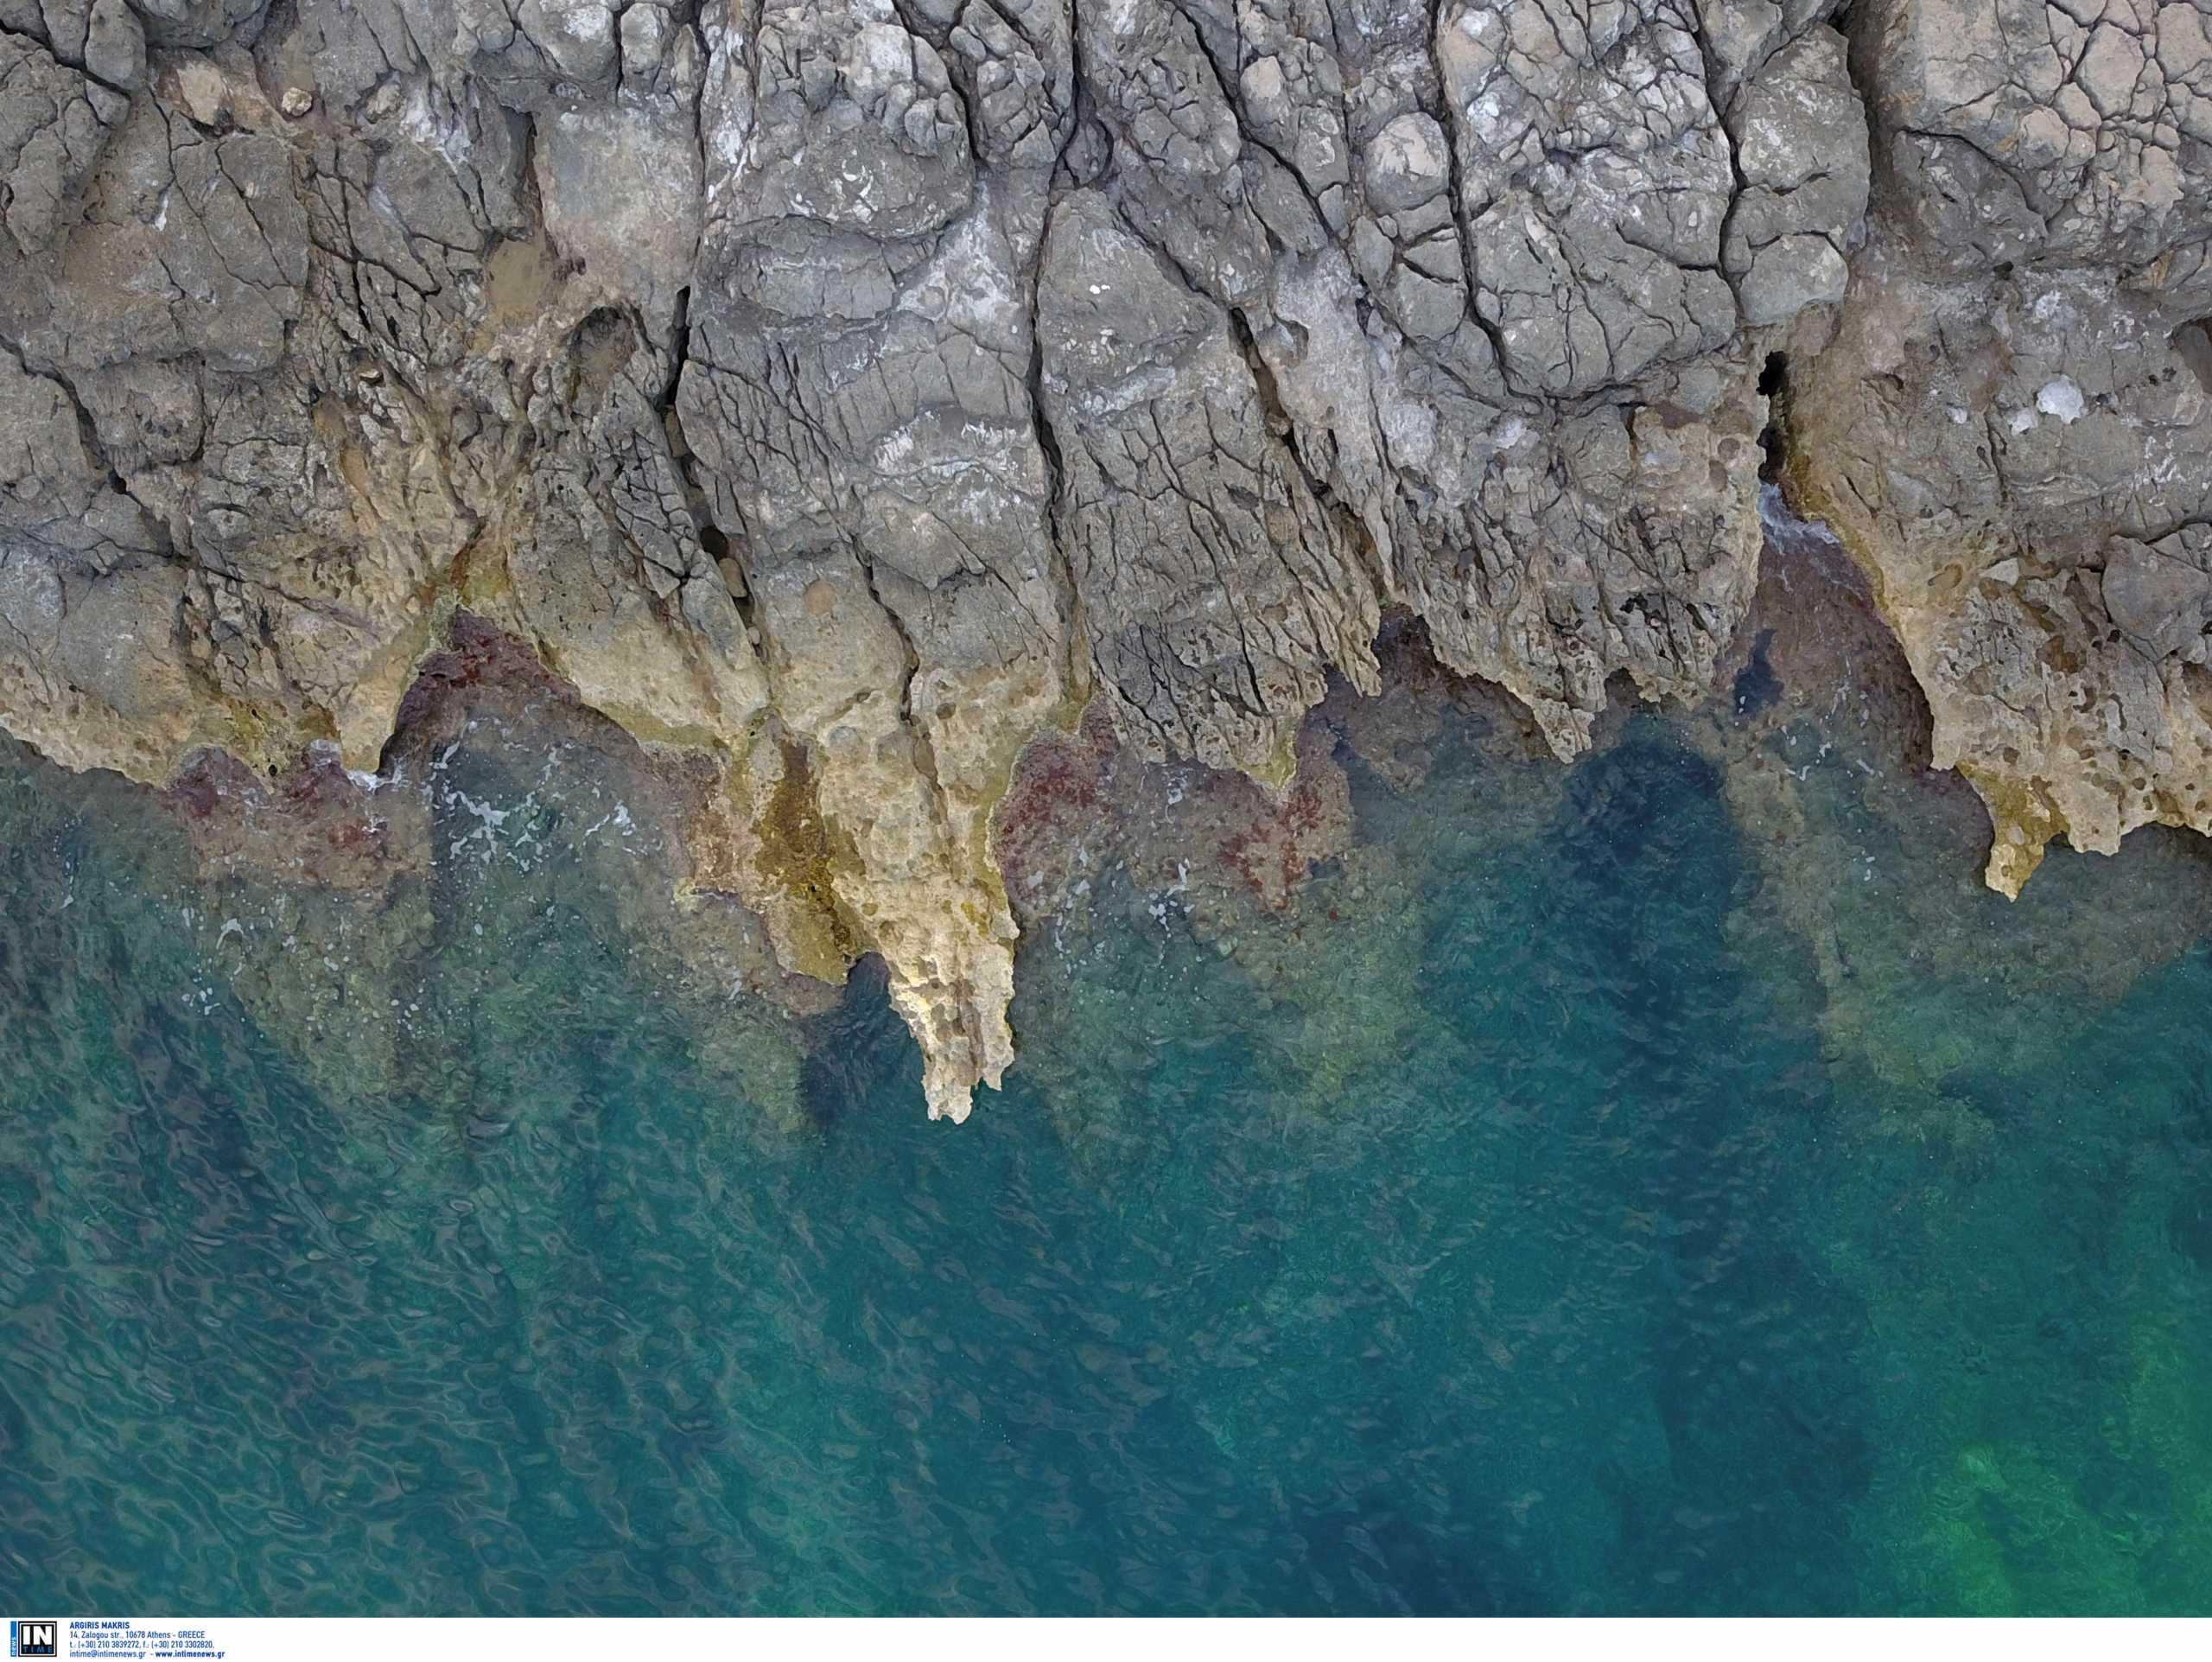 Ηράκλειο: Την κουβάλησε κολυμπώντας λιπόθυμη στην σπηλιά! Οι κρίσιμες στιγμές μετά την ανατροπή της βάρκας